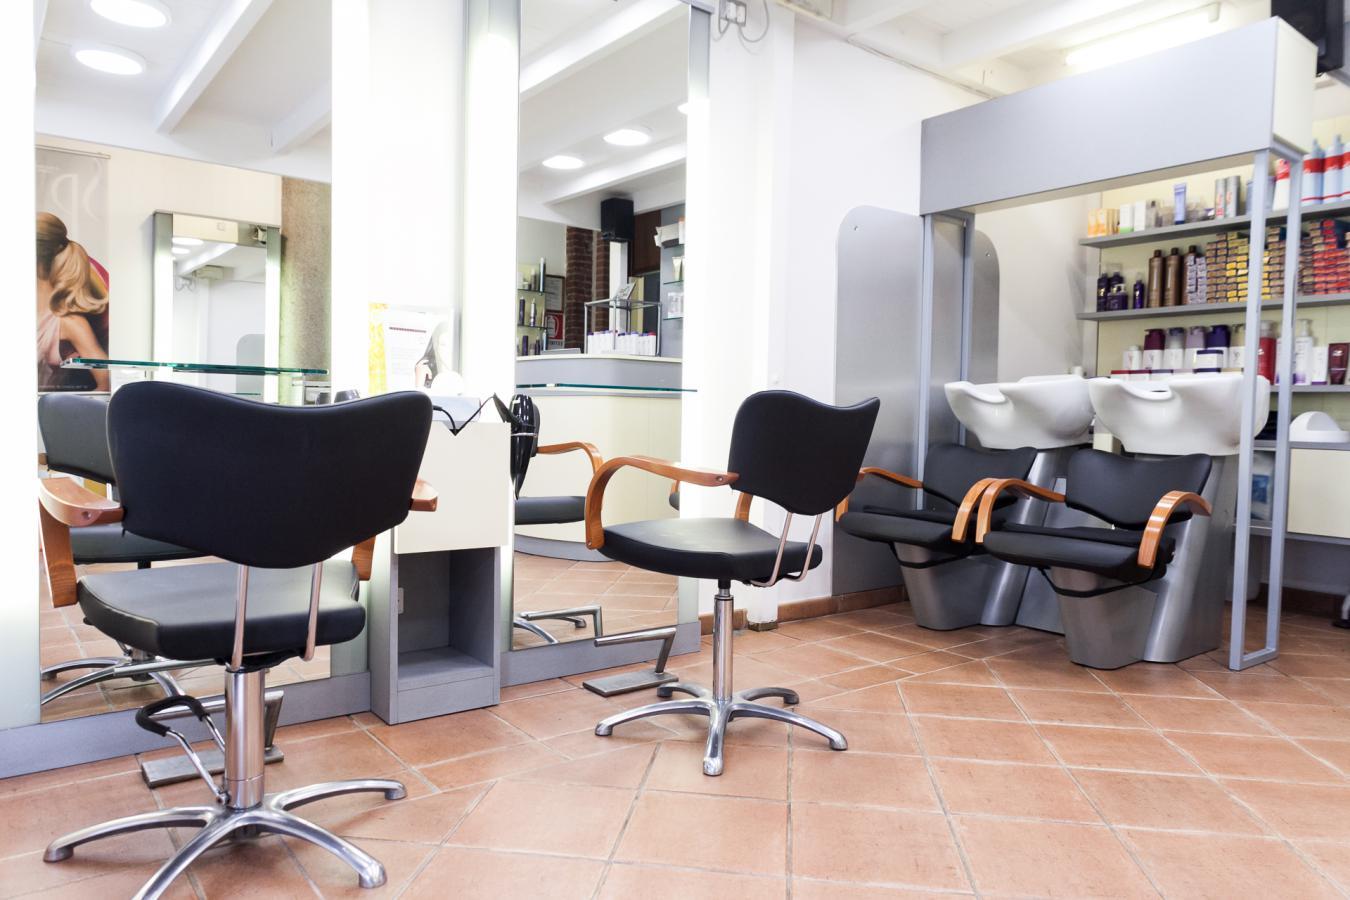 Marando parrucchieri piazza guglielmo oberdan 3 milano for Arredamento parrucchieri milano